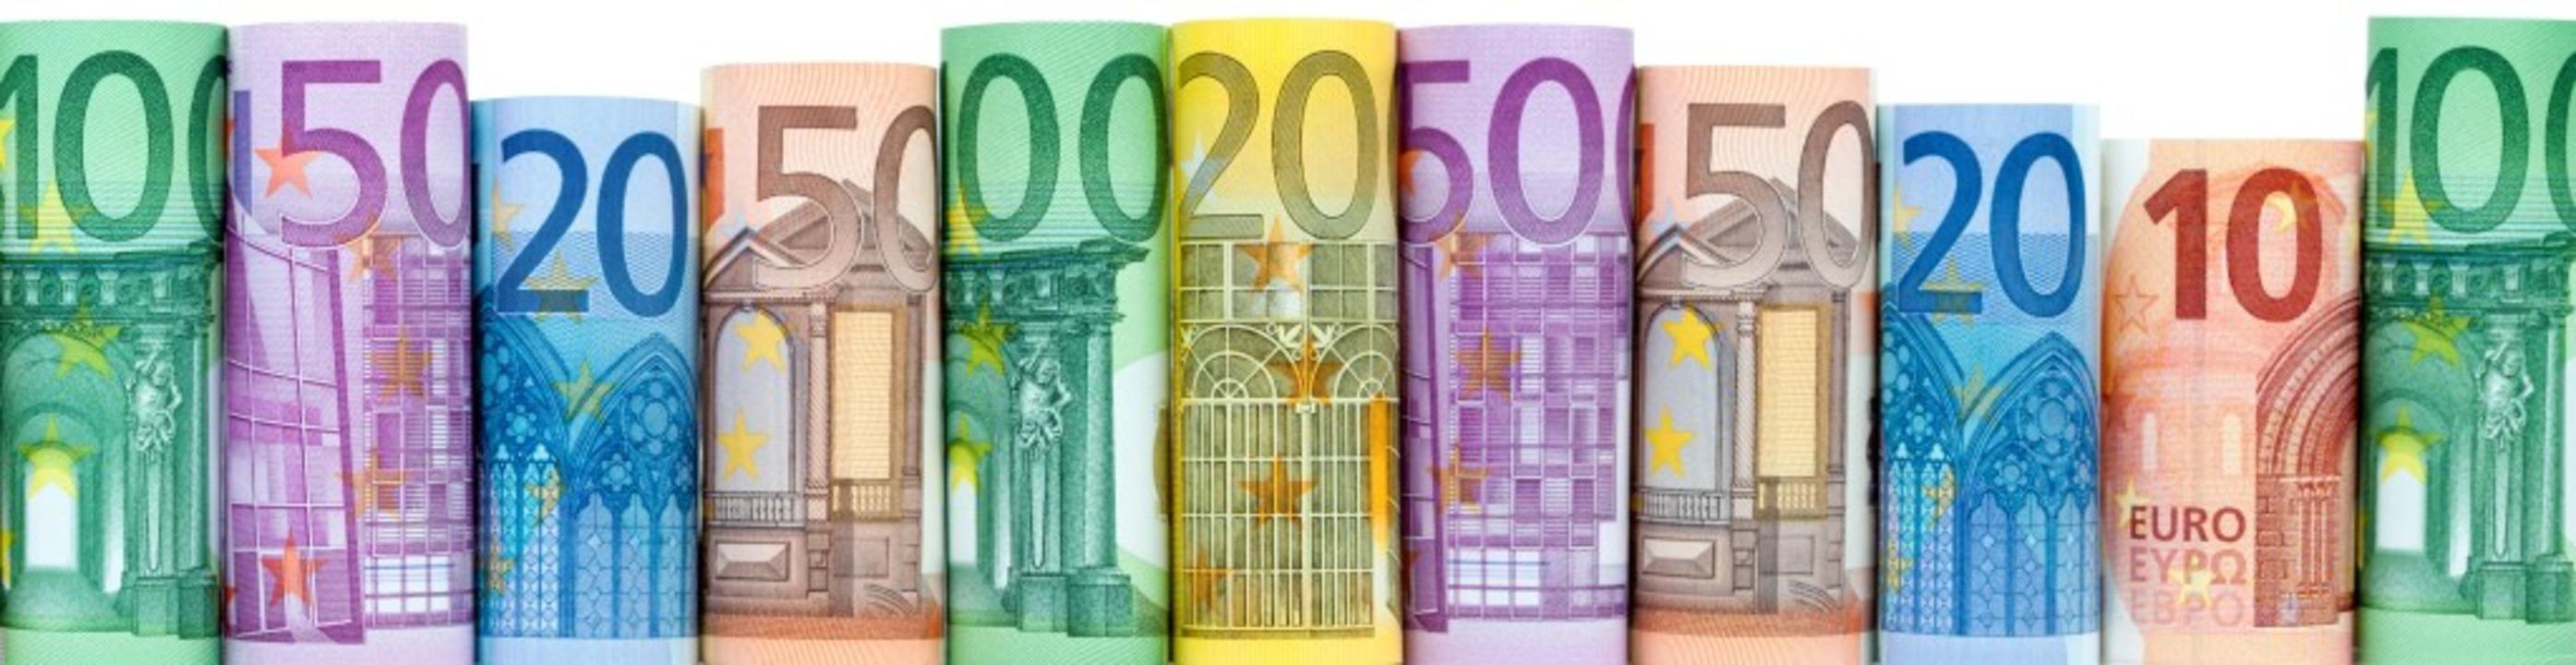 Ganz schön bunt kommen die Euroscheine..., es sind aber noch viele in Gebrauch.  | Foto: eyetronic - stock.adobe.com